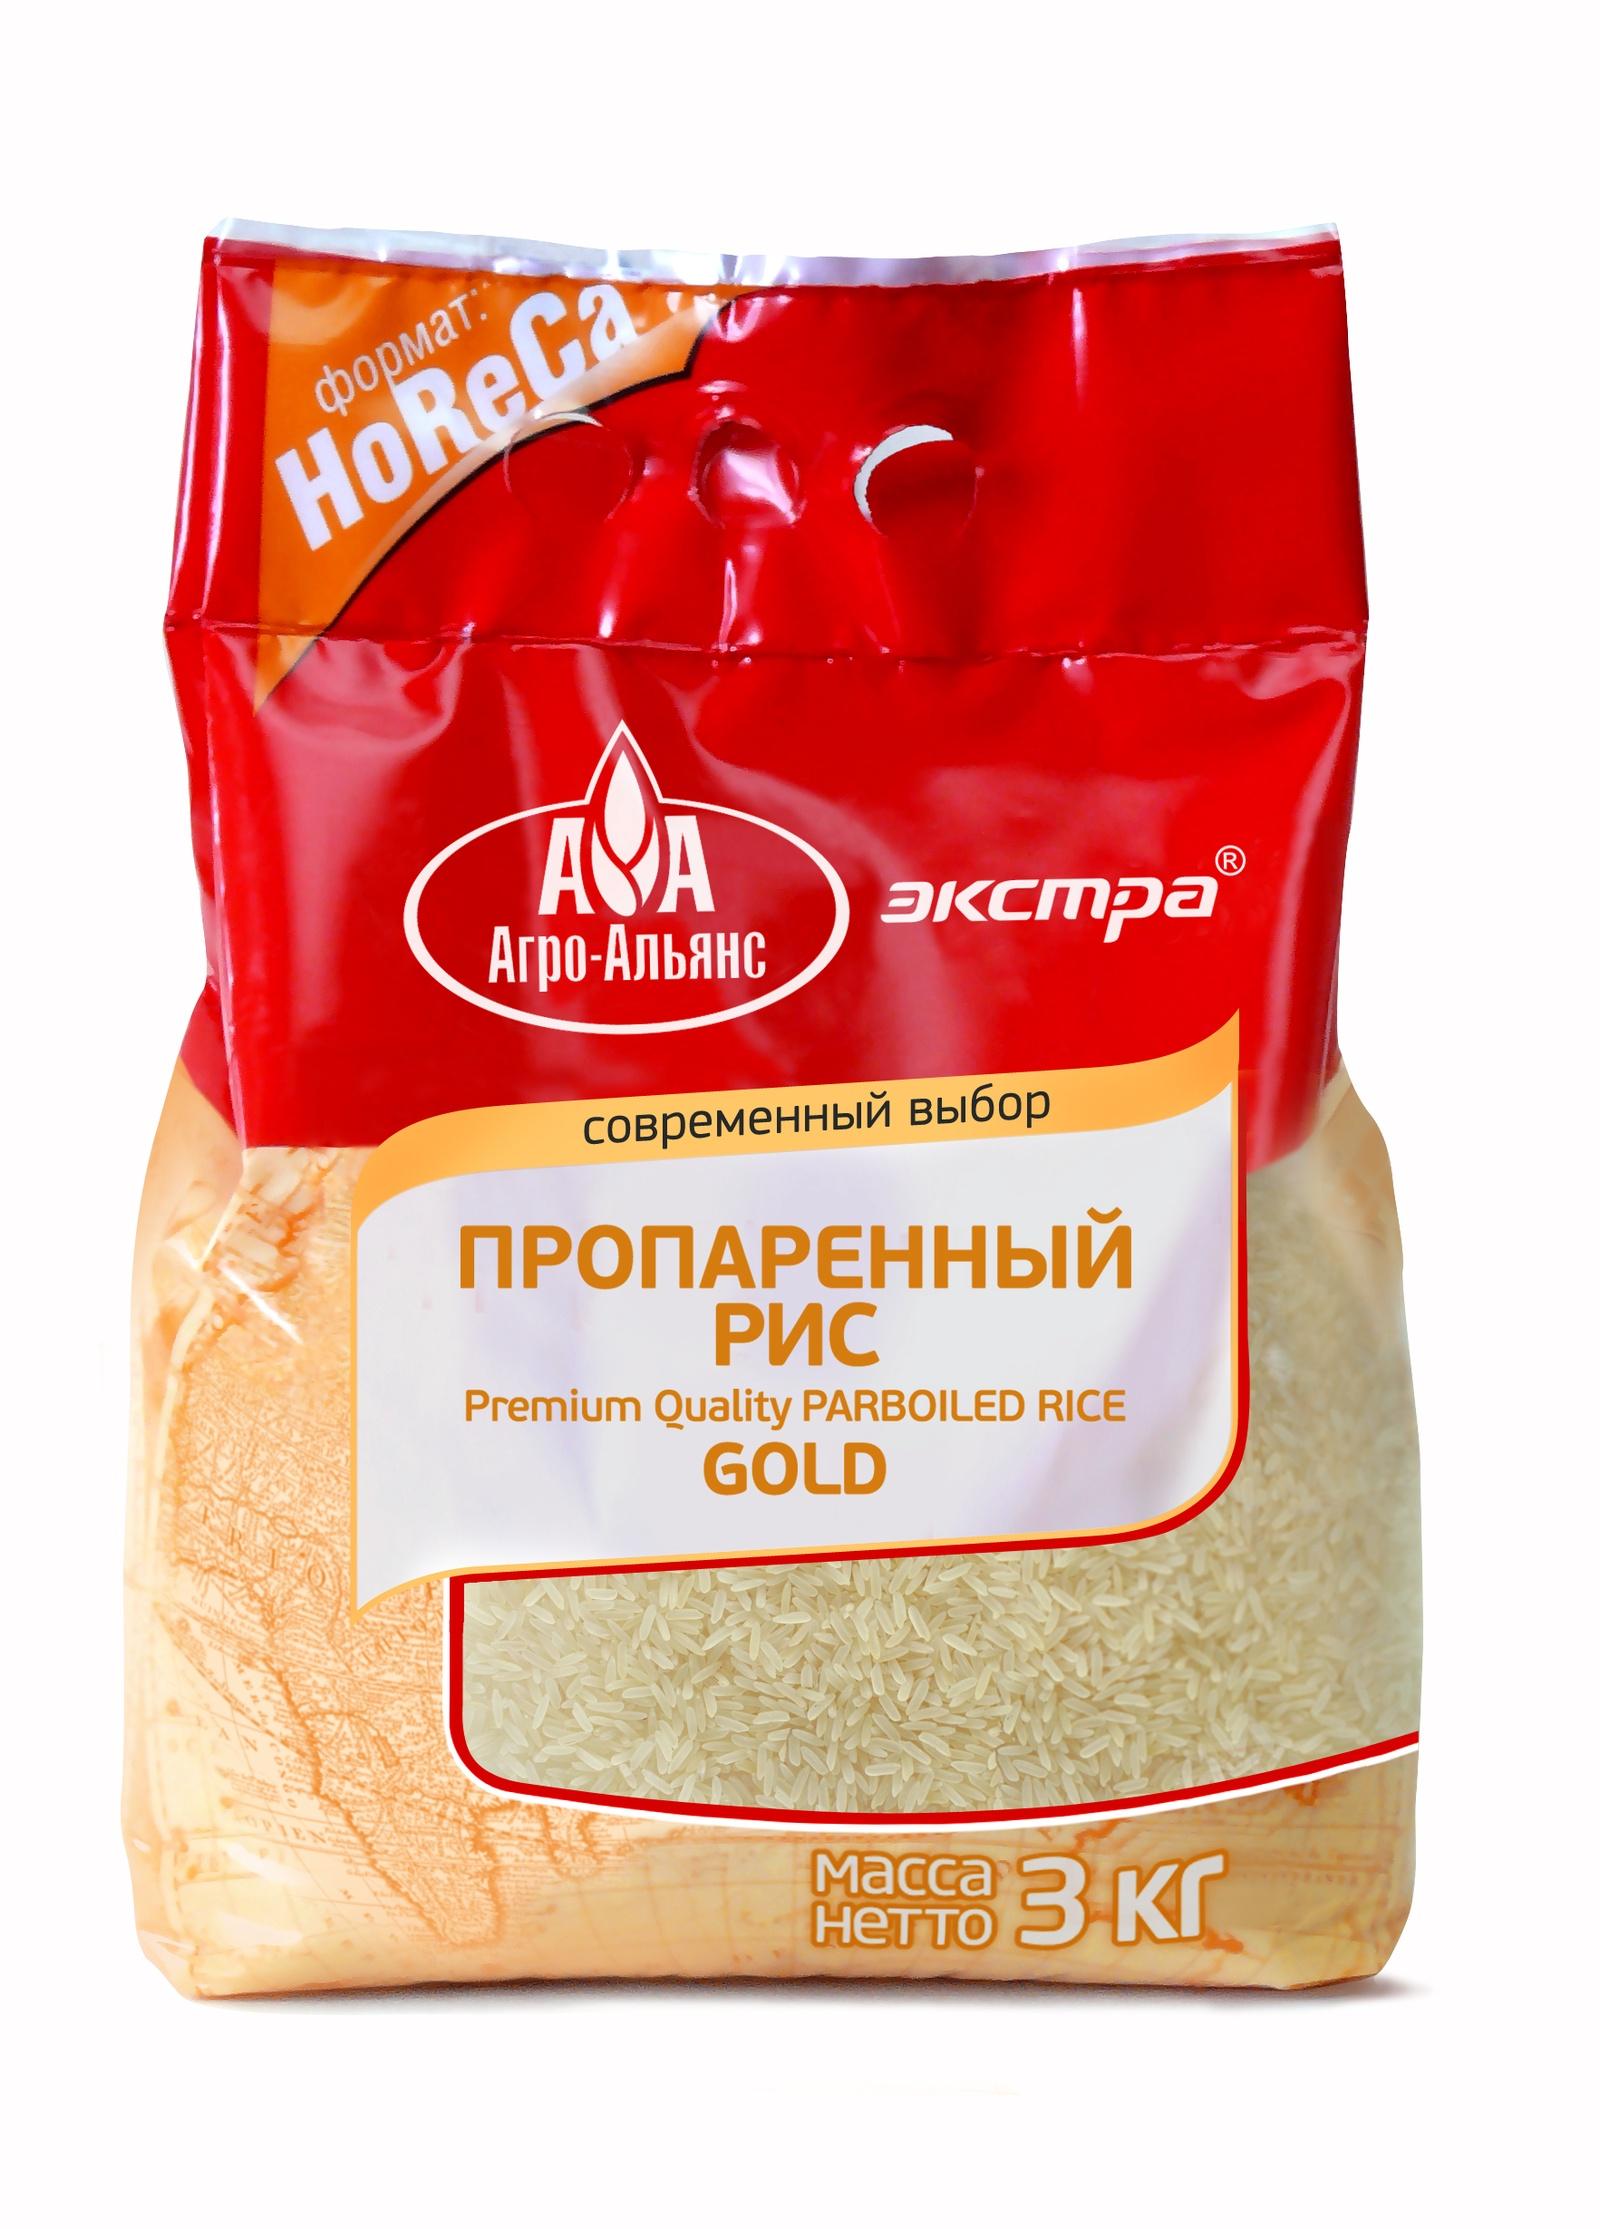 Рис Агро-Альянс Пропаренный Gold HoReCa, 3000 г агро альянс каскад рис пропаренный золотой 900 г